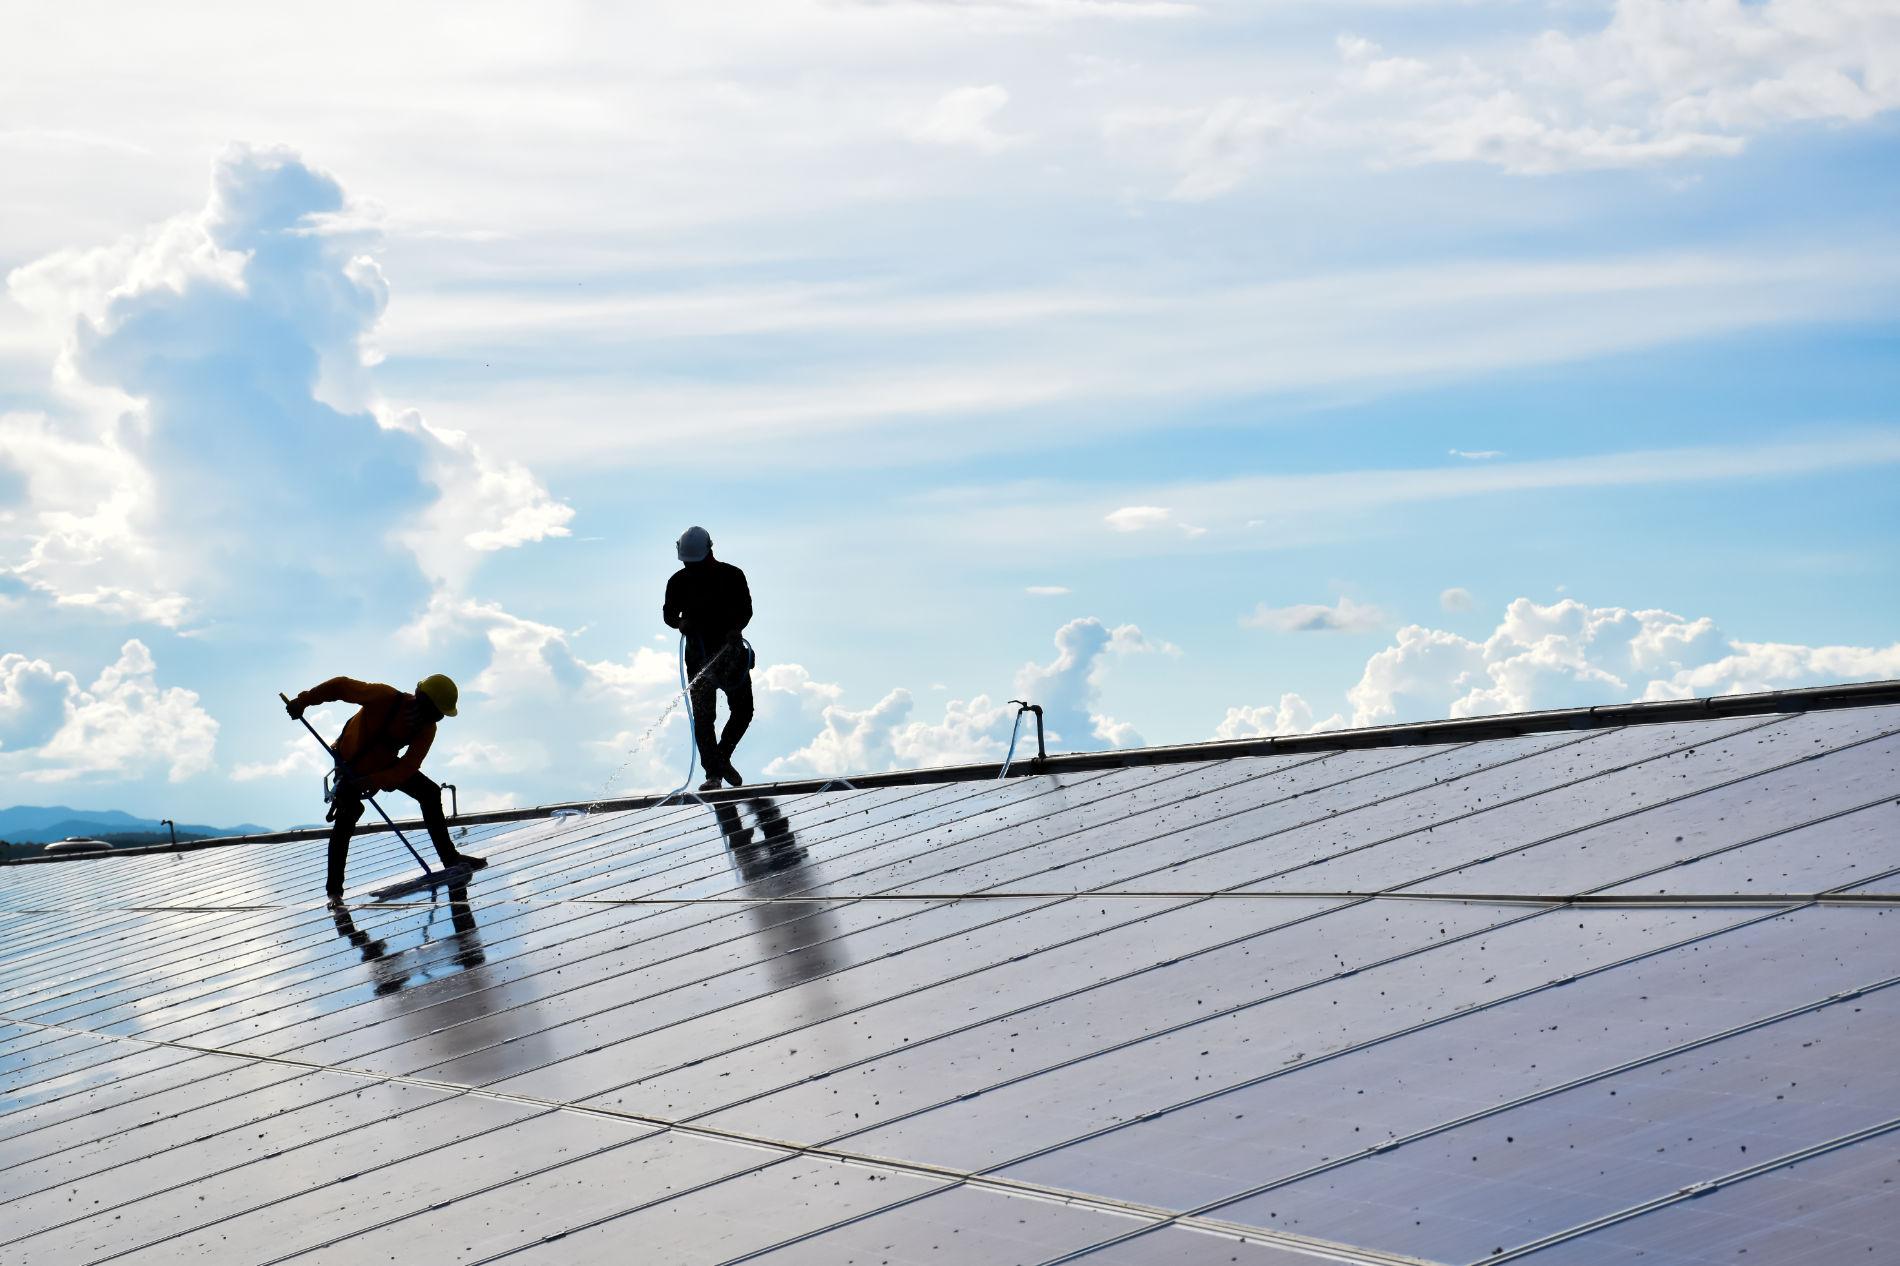 Solaranlagenreinigung München - Gebäudereinigung München - Luna Glanz GmbH & Co KG - Facility Management München